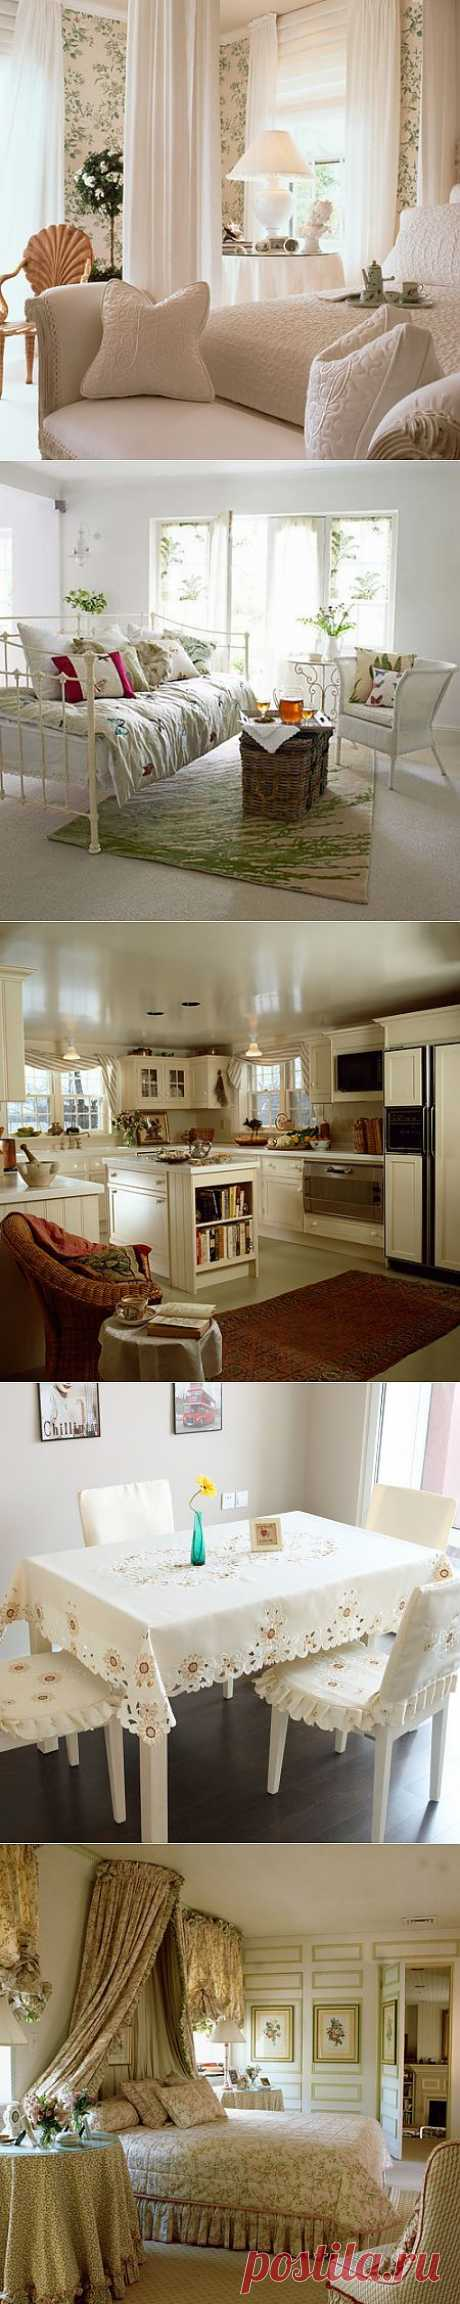 Светлое настроение вашего дома.